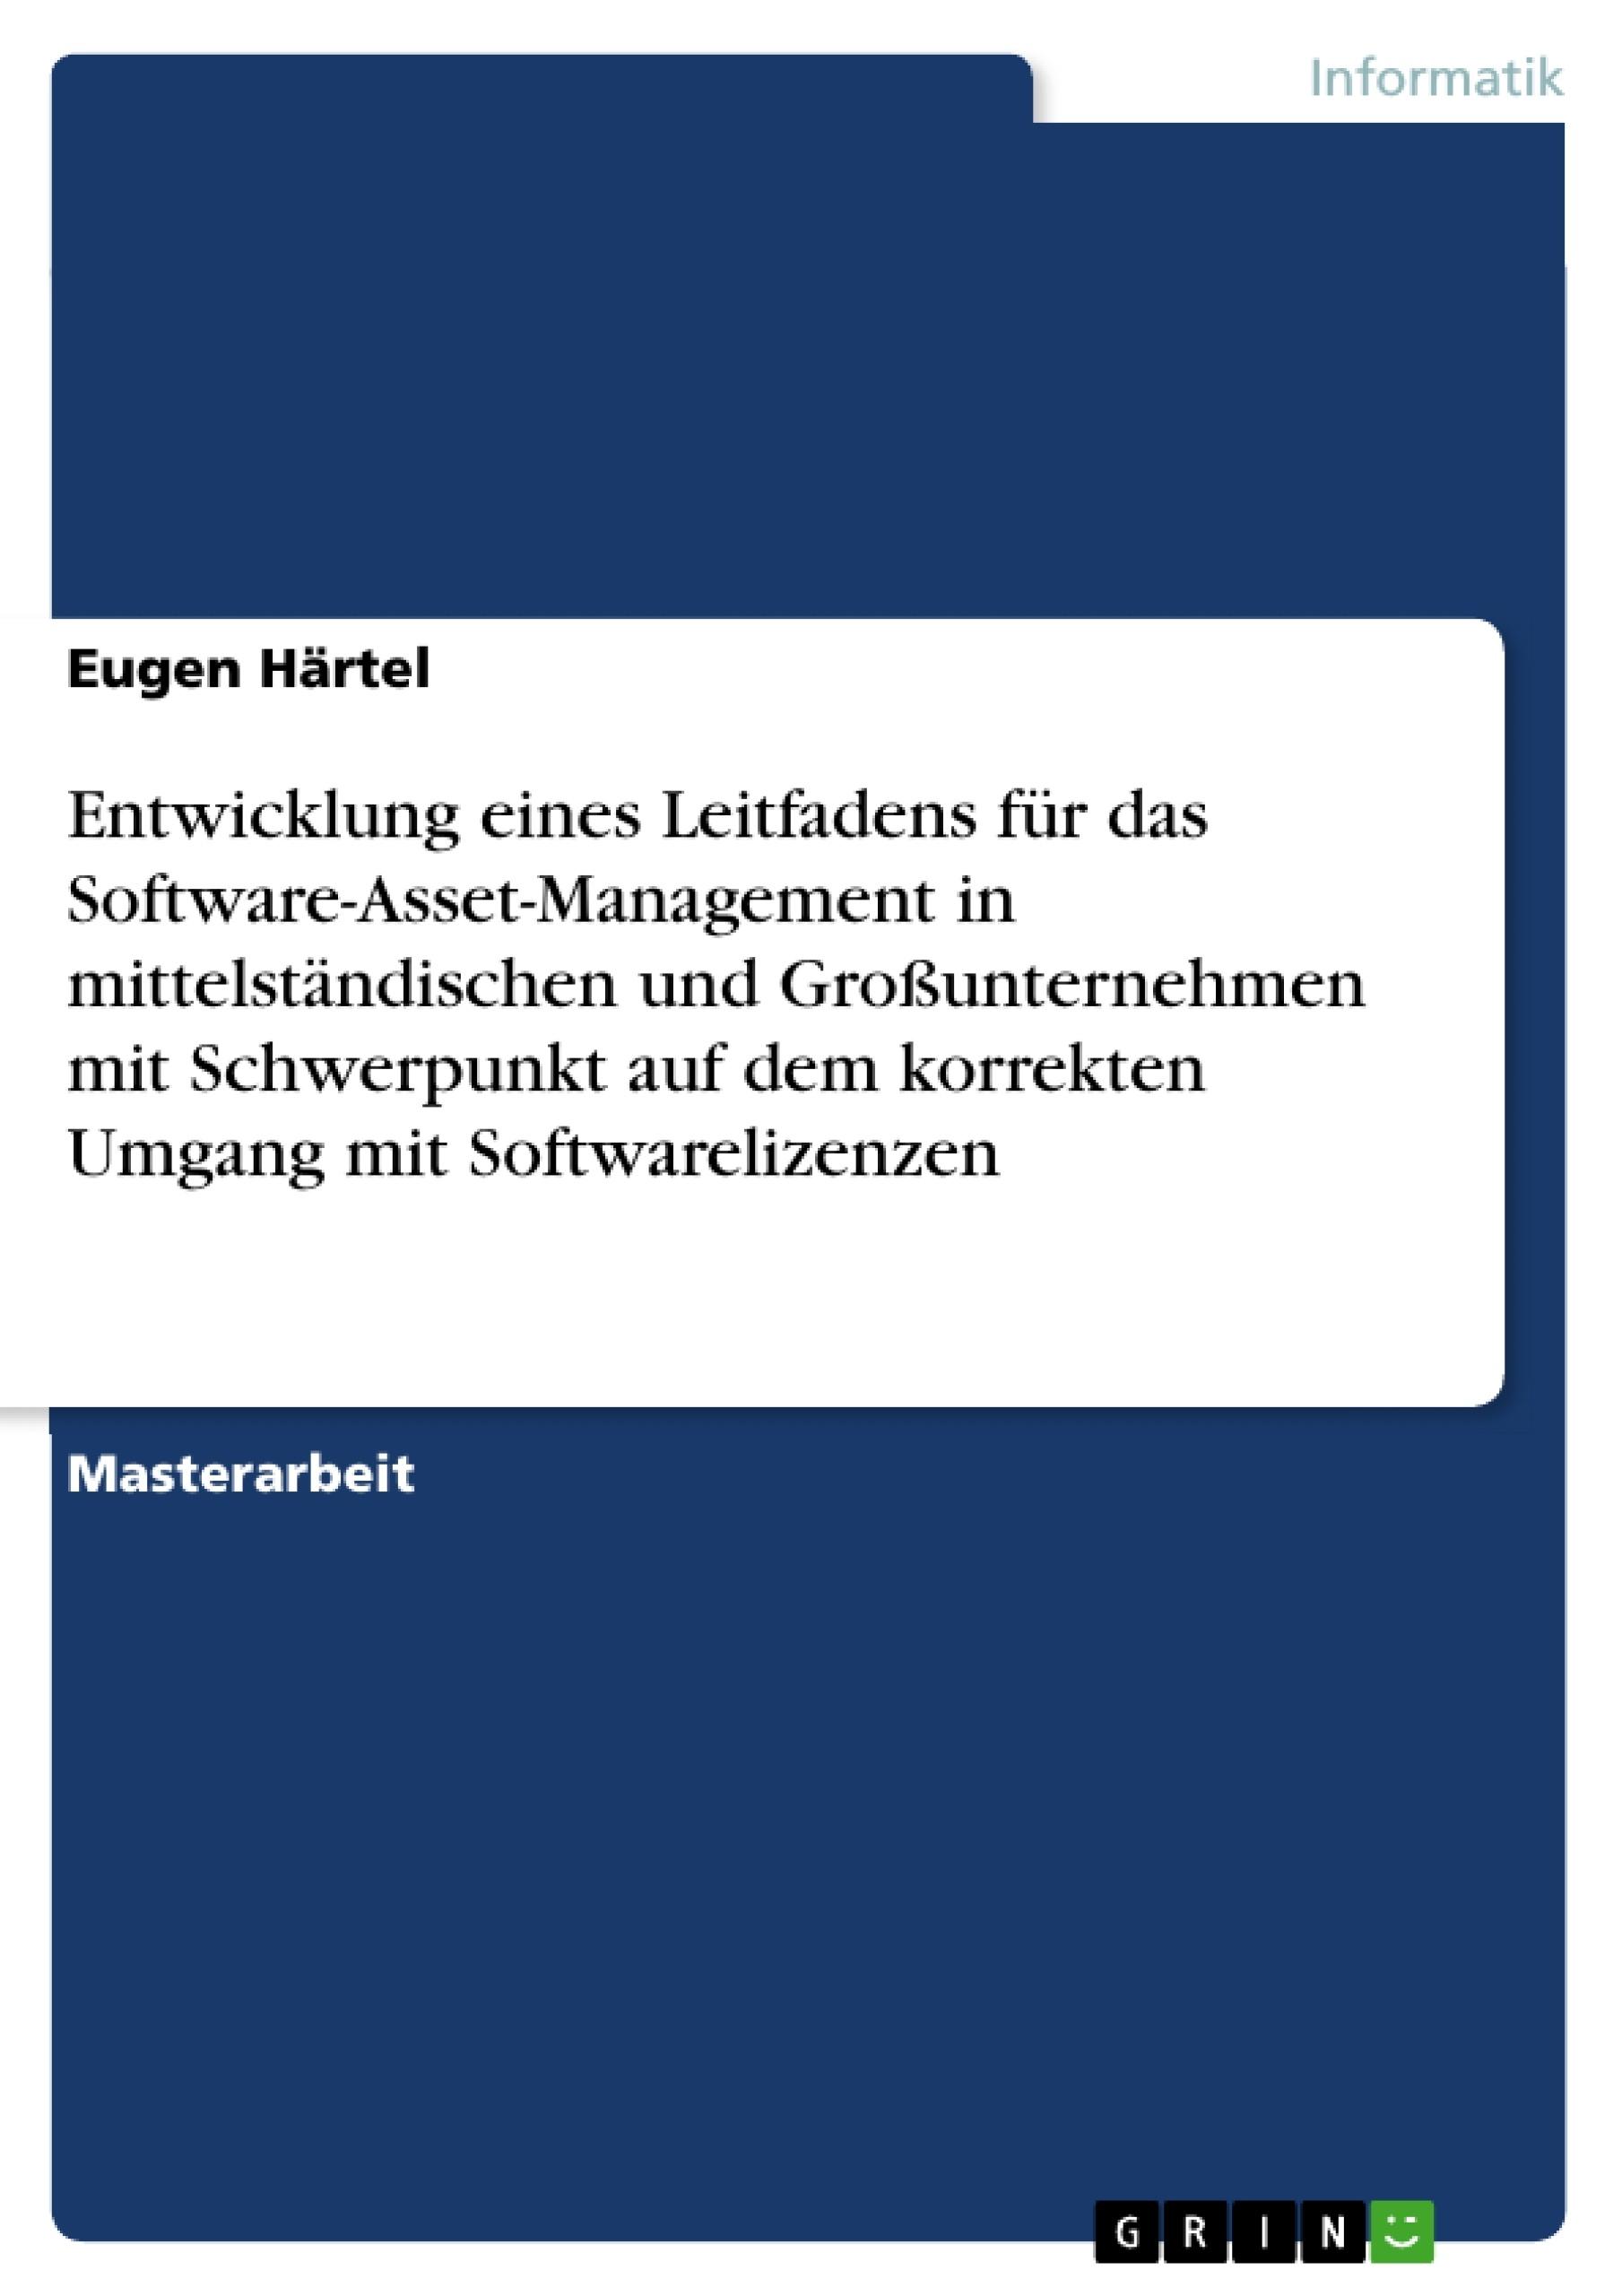 Titel: Entwicklung eines Leitfadens für das Software-Asset-Management in mittelständischen und Großunternehmen mit Schwerpunkt auf dem korrekten Umgang mit Softwarelizenzen